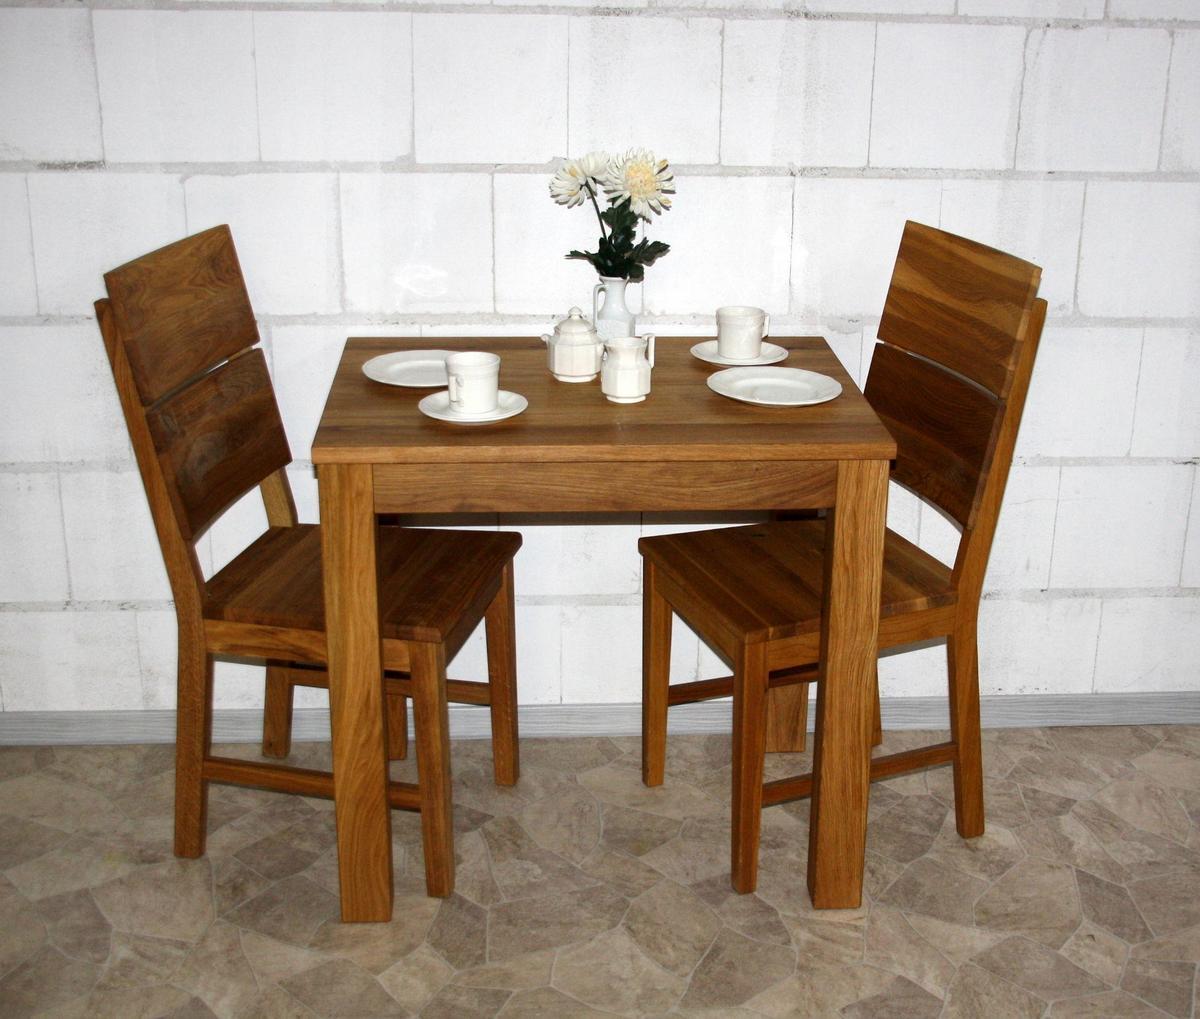 tischgruppe essgruppe 3 teilig kleine tisch st hle holz wildeiche massiv ge lt diez. Black Bedroom Furniture Sets. Home Design Ideas